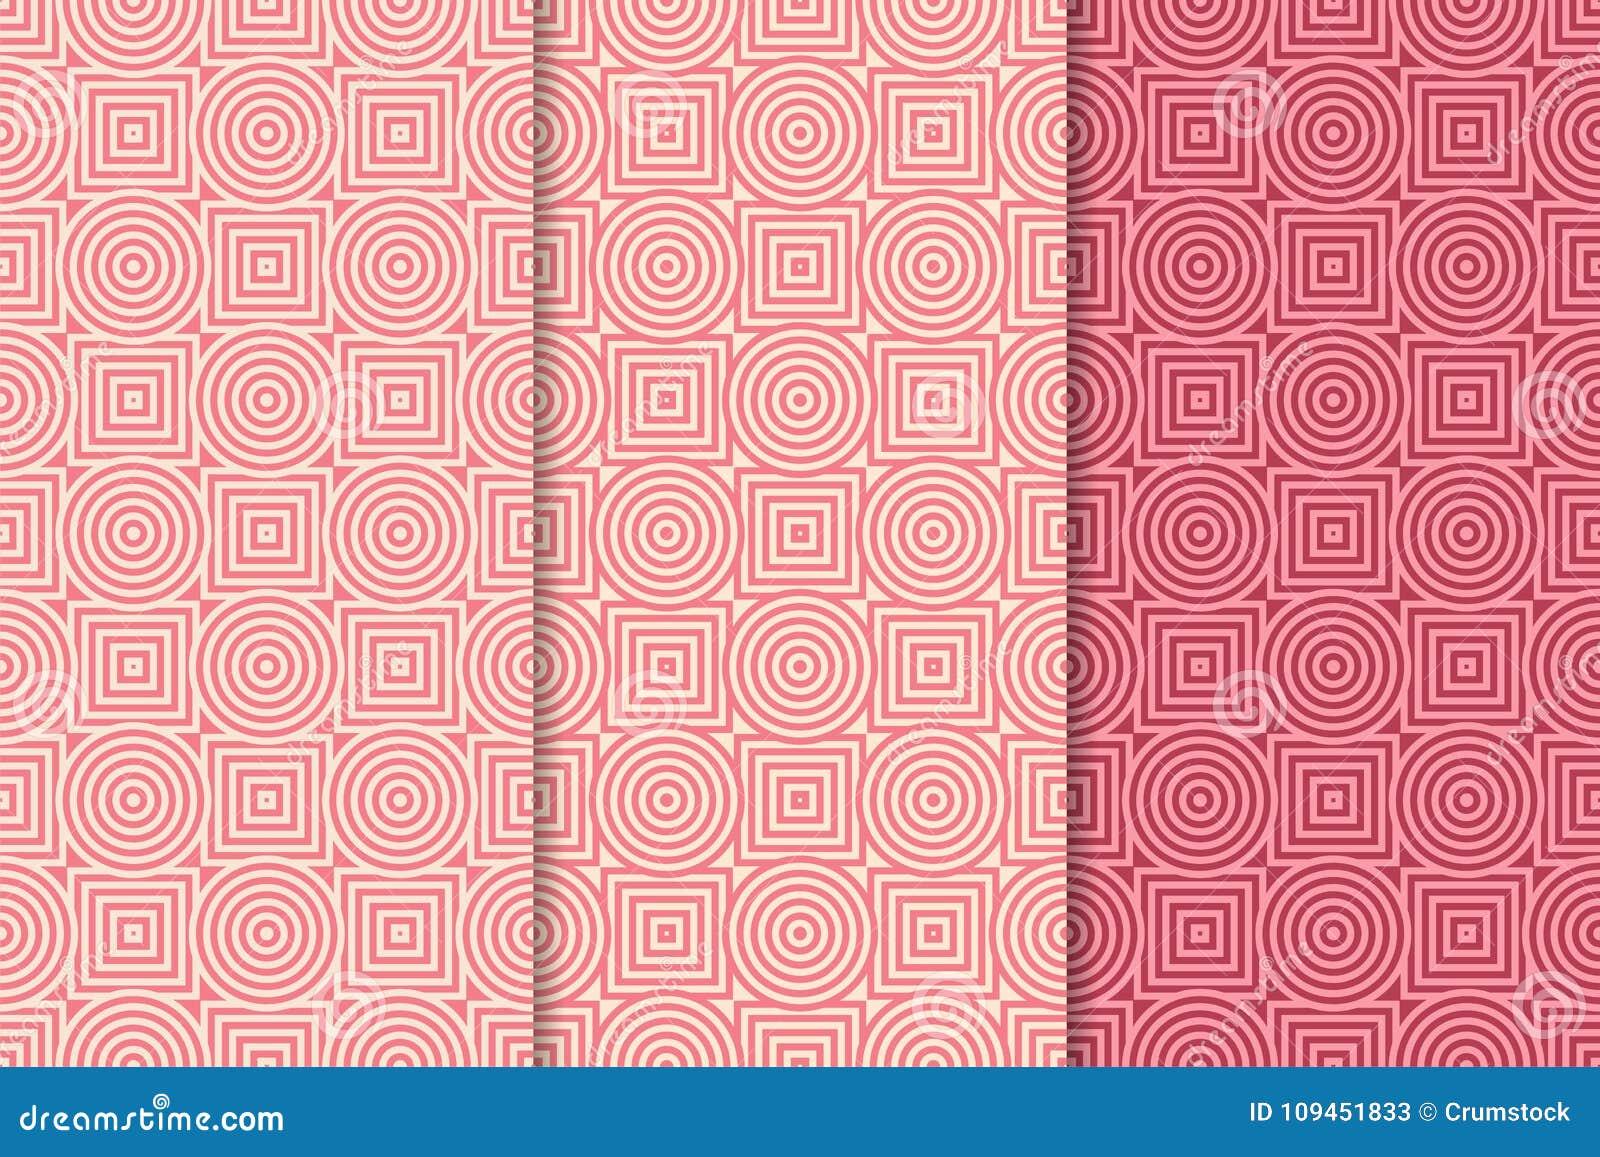 Орнаменты красного цвета вишни геометрические делает по образцу безшовный комплект